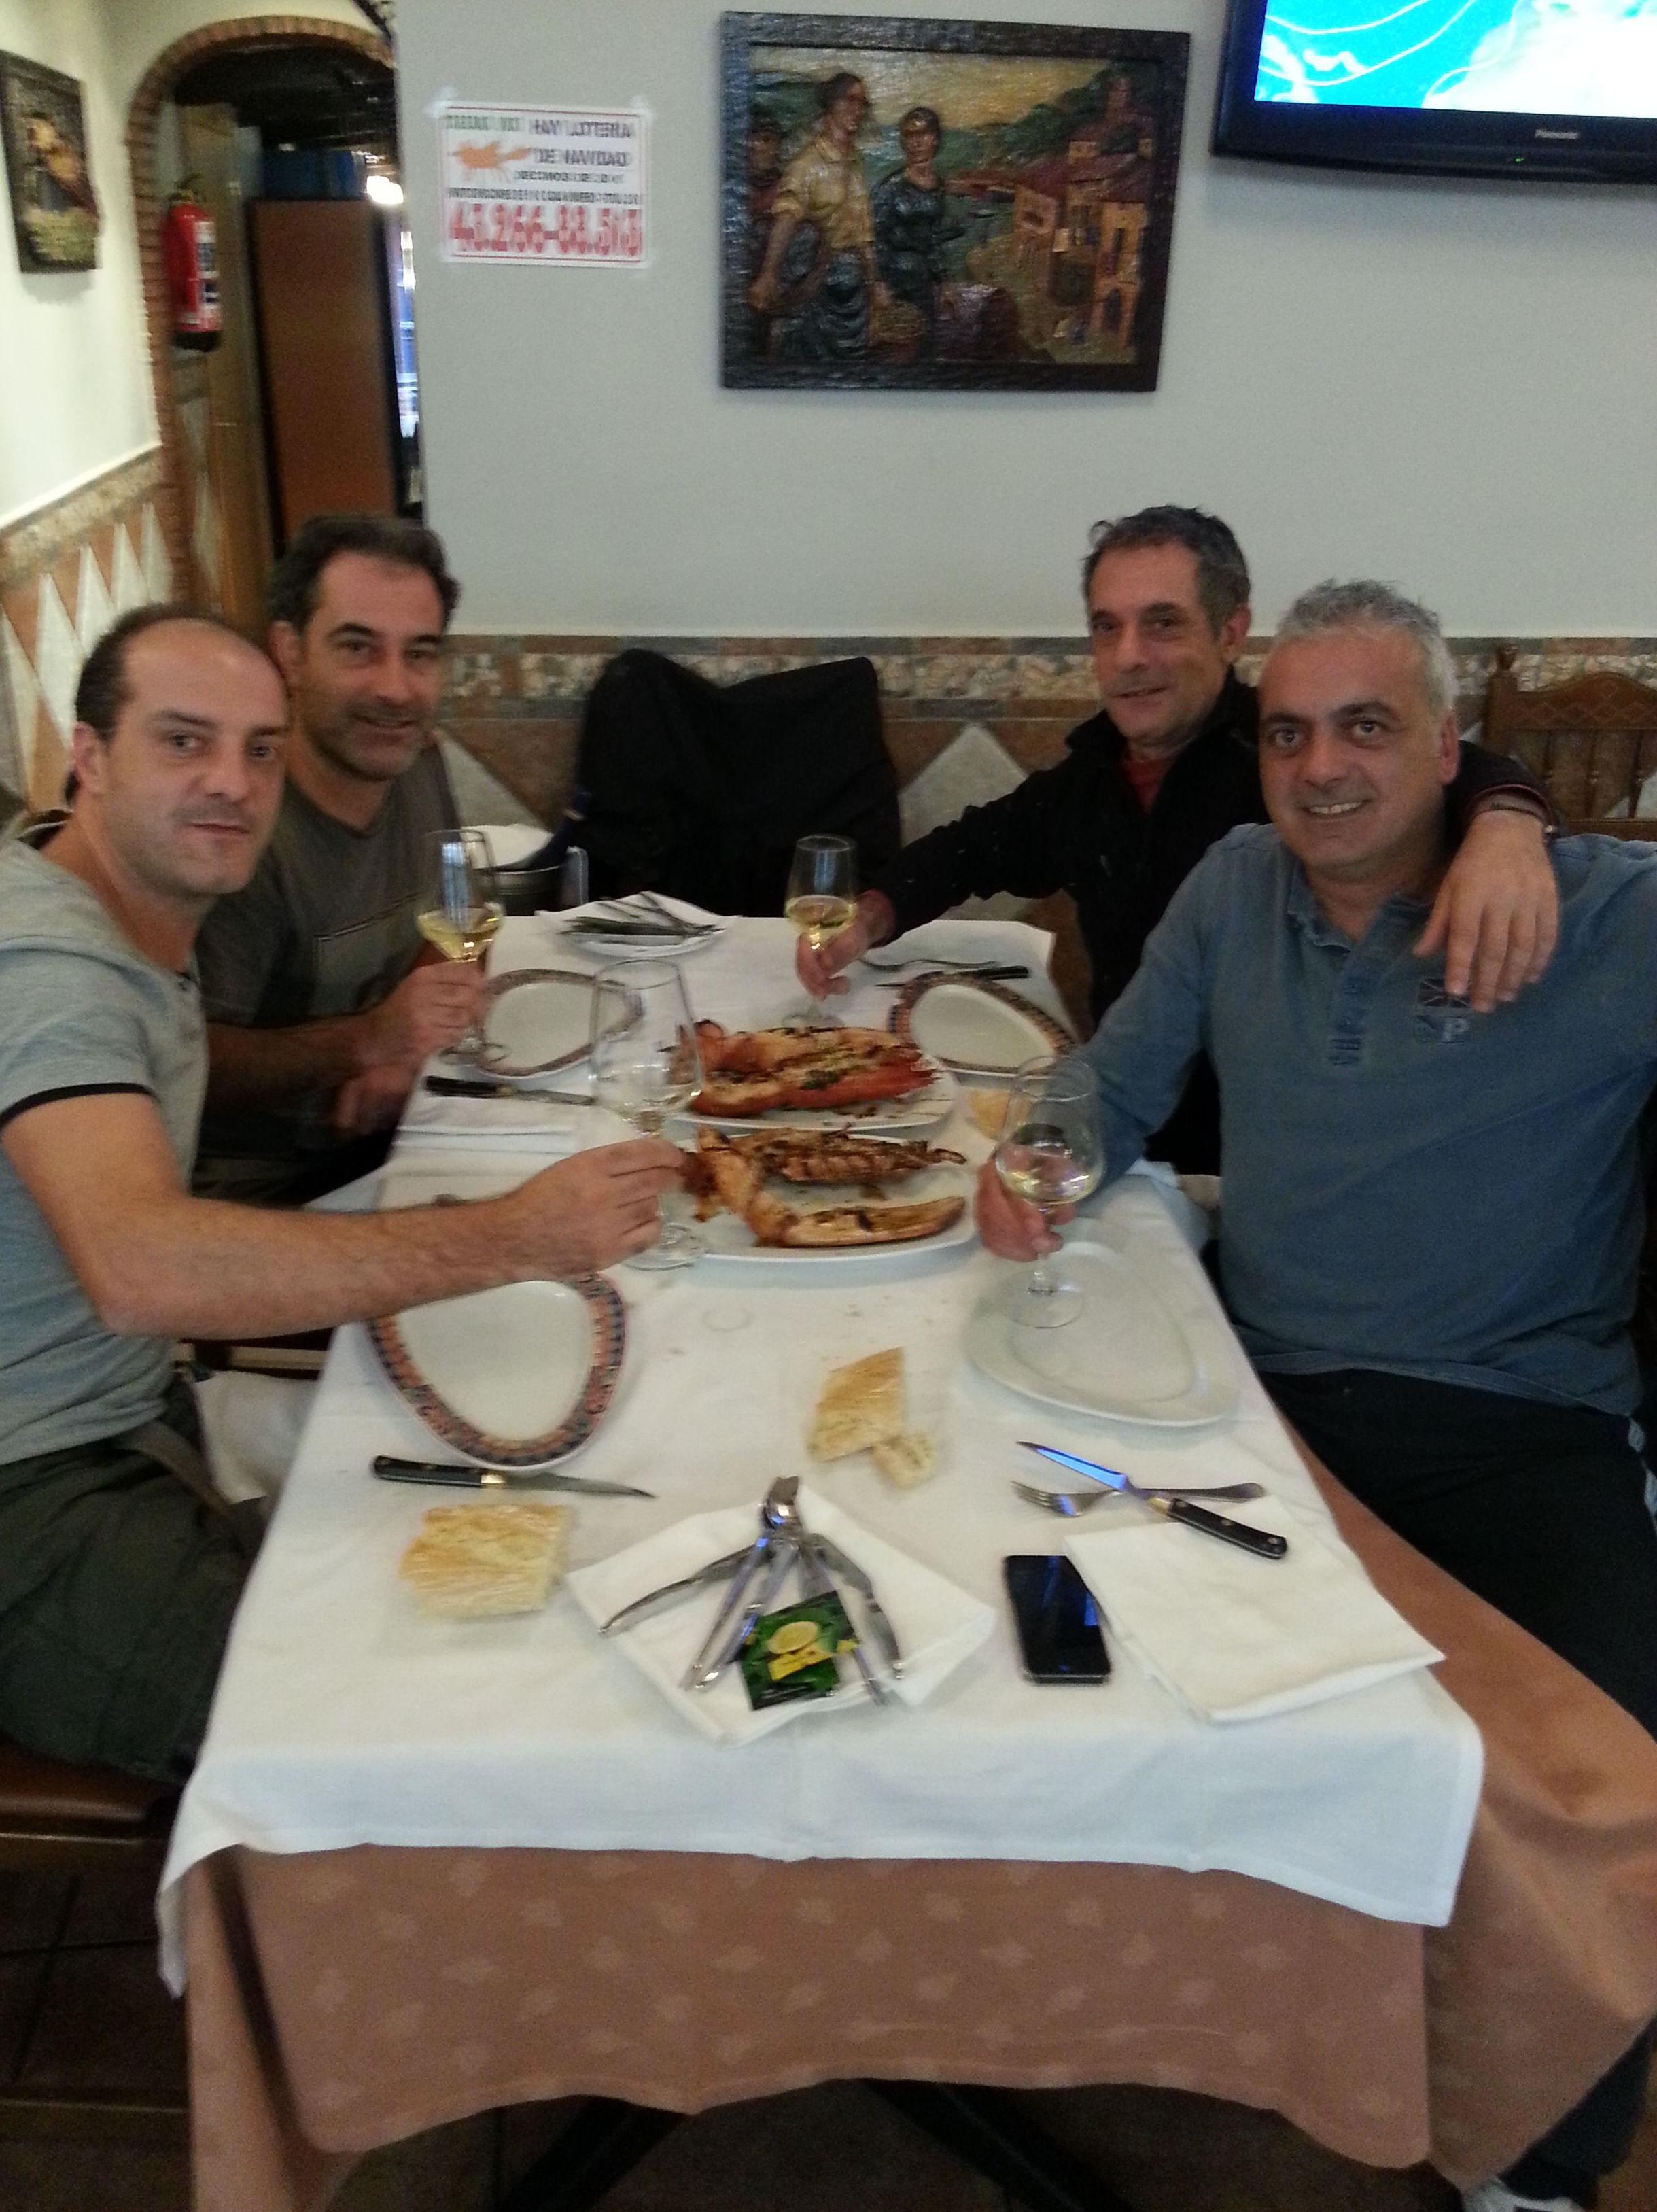 Restaurante para reuniones de amigos